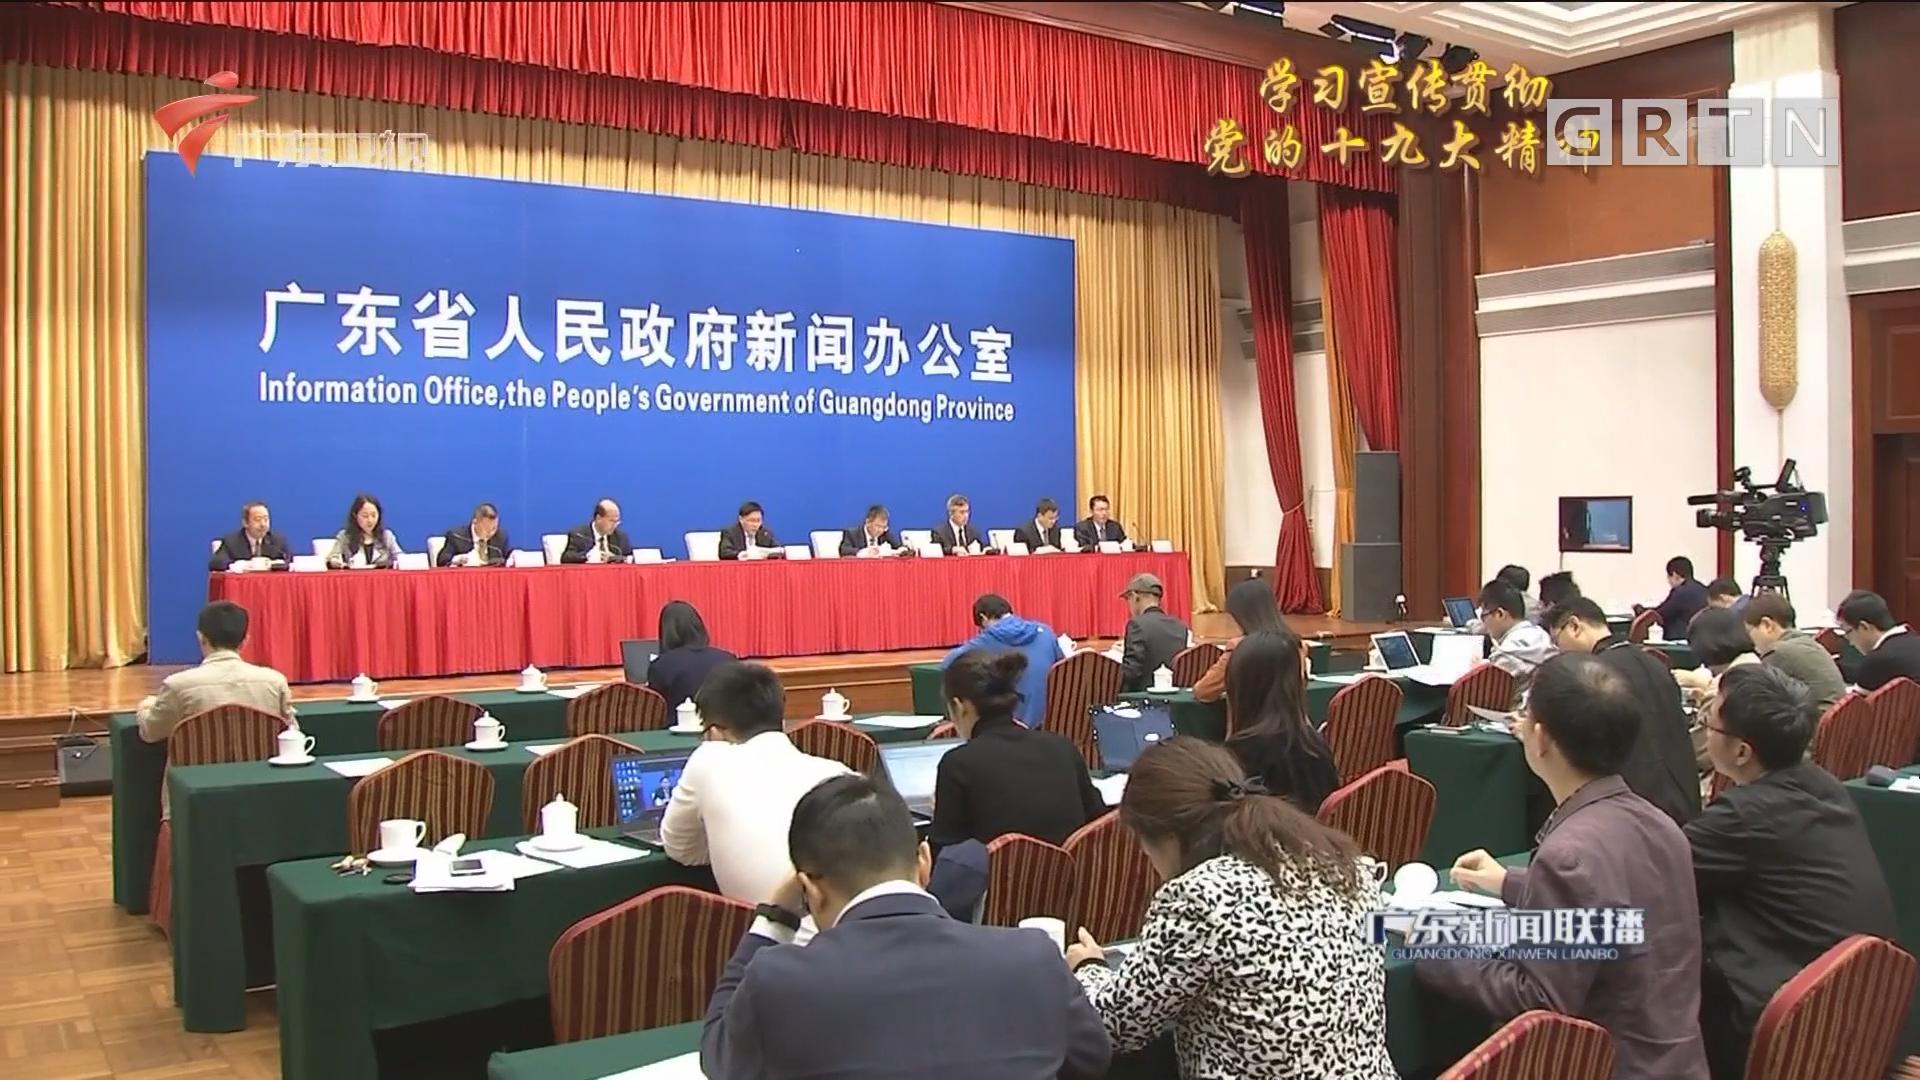 广东公布《外资十条》扩大对外开放积极利用外资